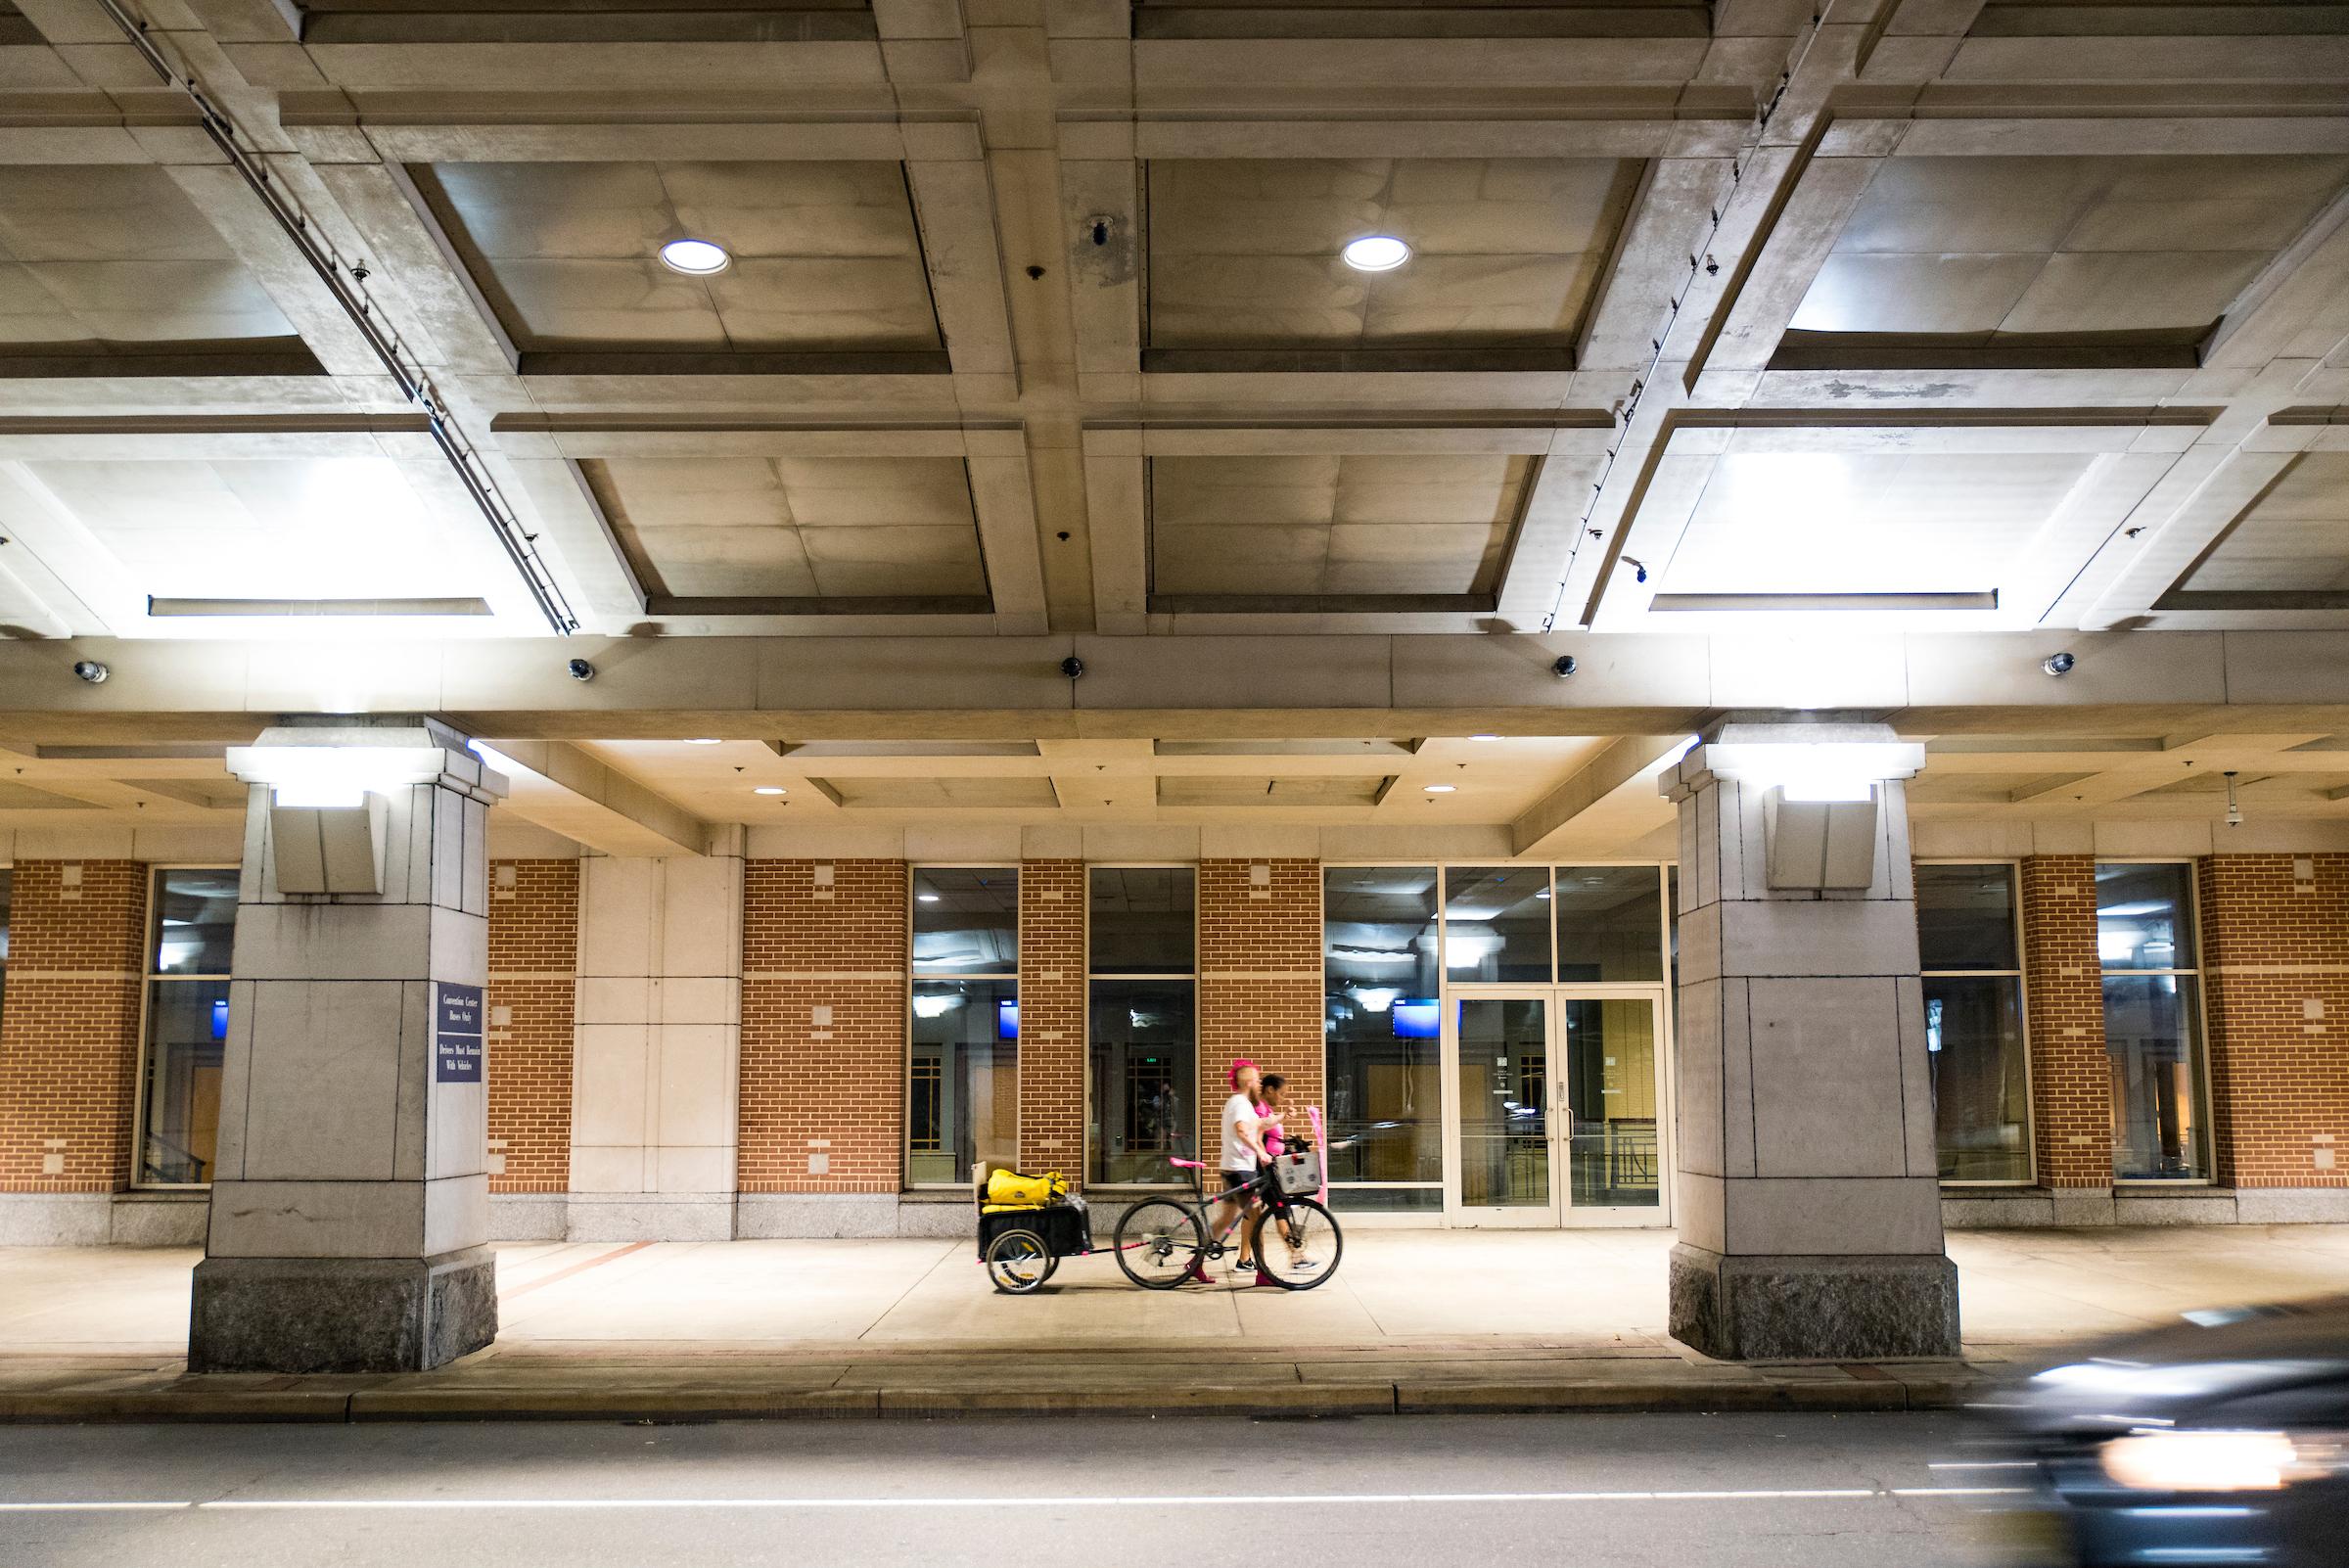 2017-05May-27 PMA Bike Ride - Center City-224.jpg